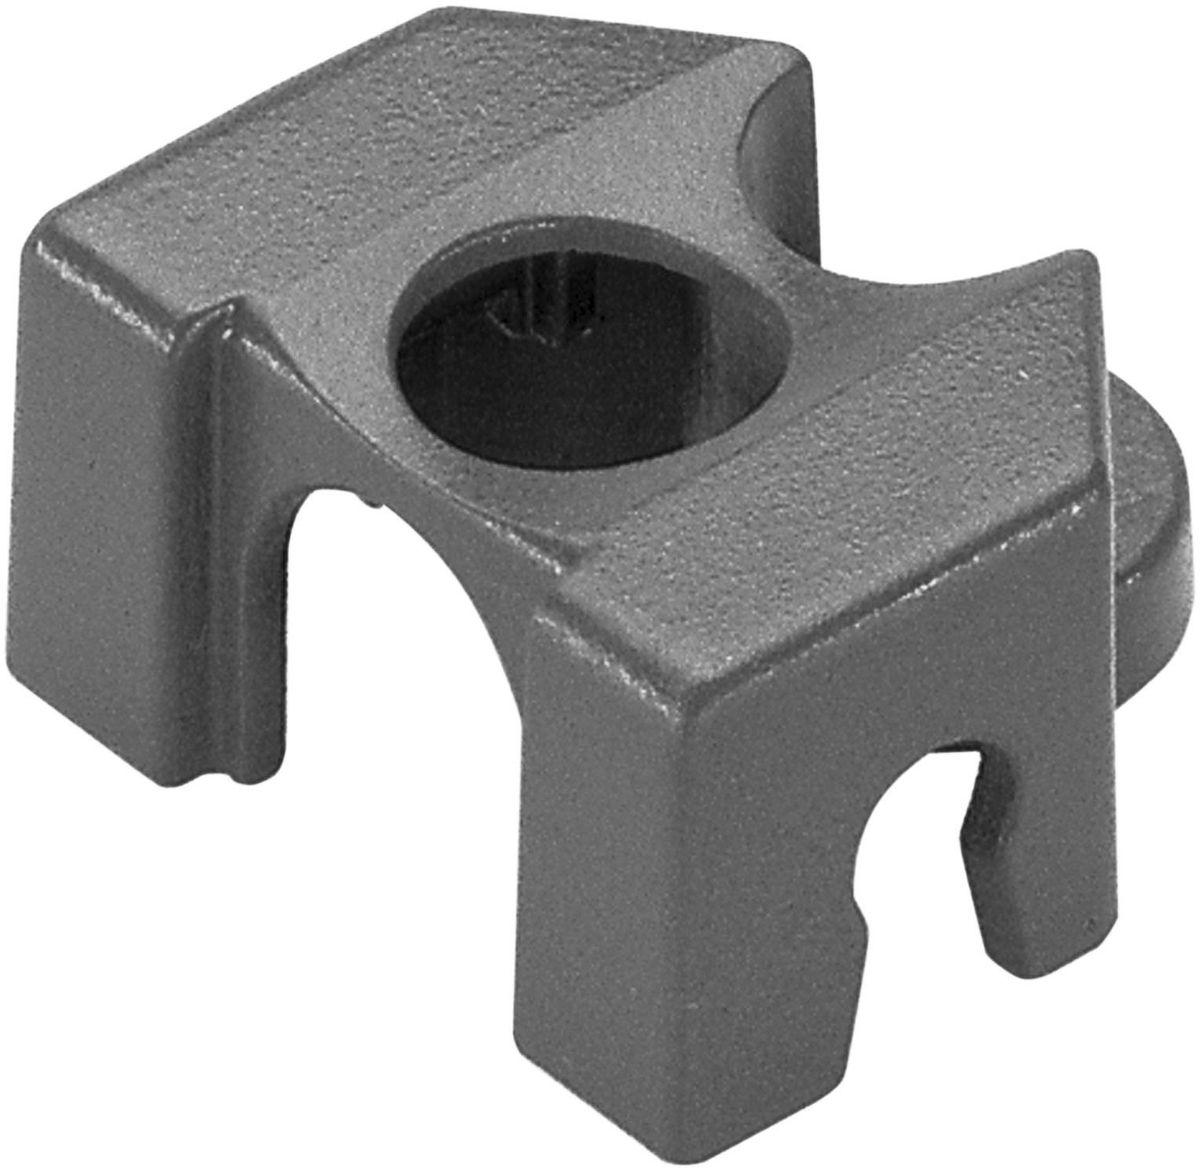 Крепление Gardena, резьба 4,6 мм (3/16), 5 штА00319Крепление Gardena предназначено для надежного закрепления шланга на жестком основании и микронасадок. Для удлинения насадки используется совместно с Т-образным соединителем Gardena и надставкой (не входят в комплект). Имеет длительный срок эксплуатации. В комплект входят 5 штук.Крепление: 4,6 мм.